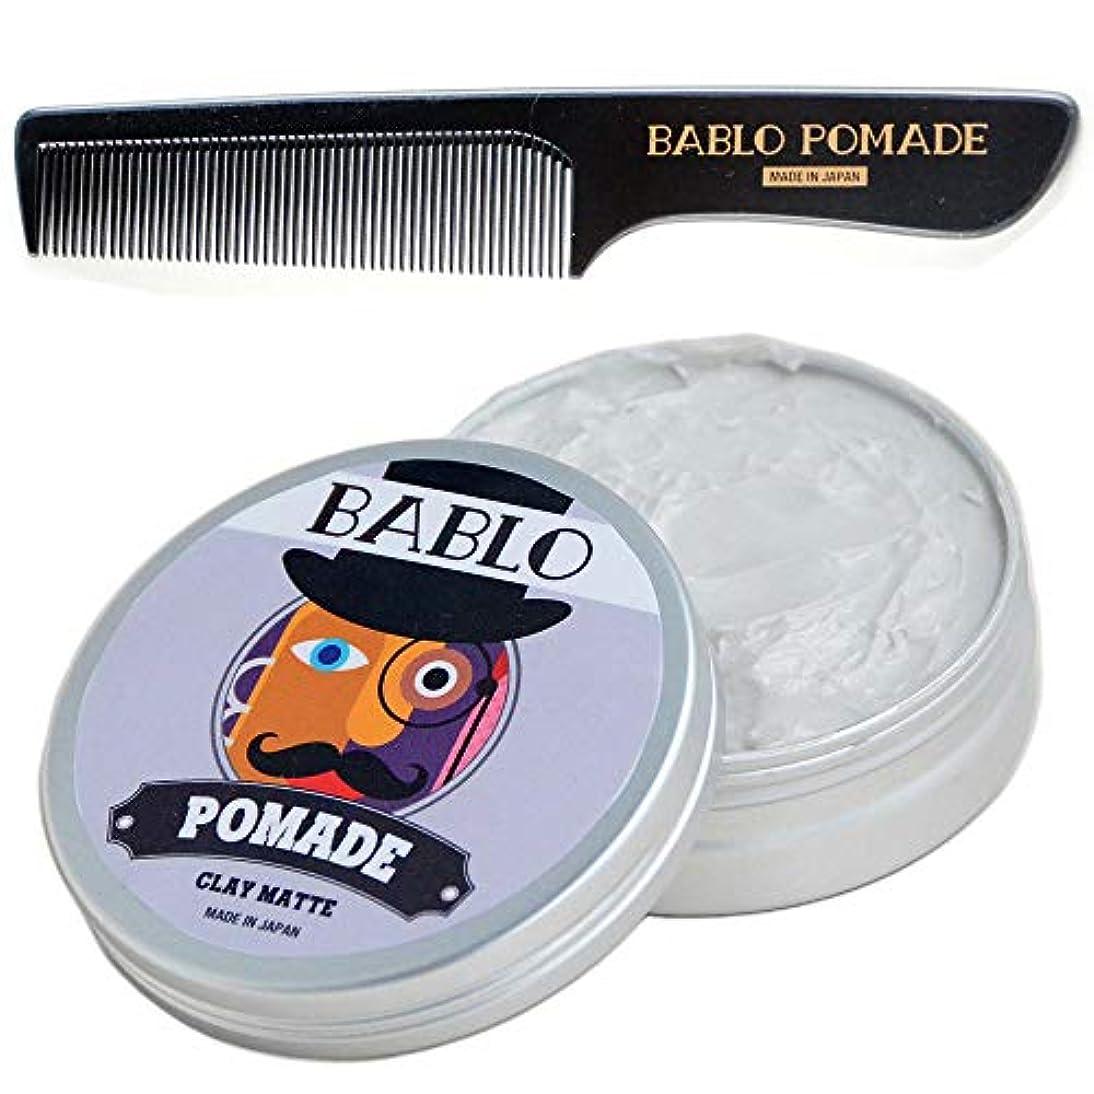 メドレー市場発火するバブロ ポマード クレイマット ヘアワックス 整髪料 水性 ヘアグリース メンズ コーム 櫛 セット